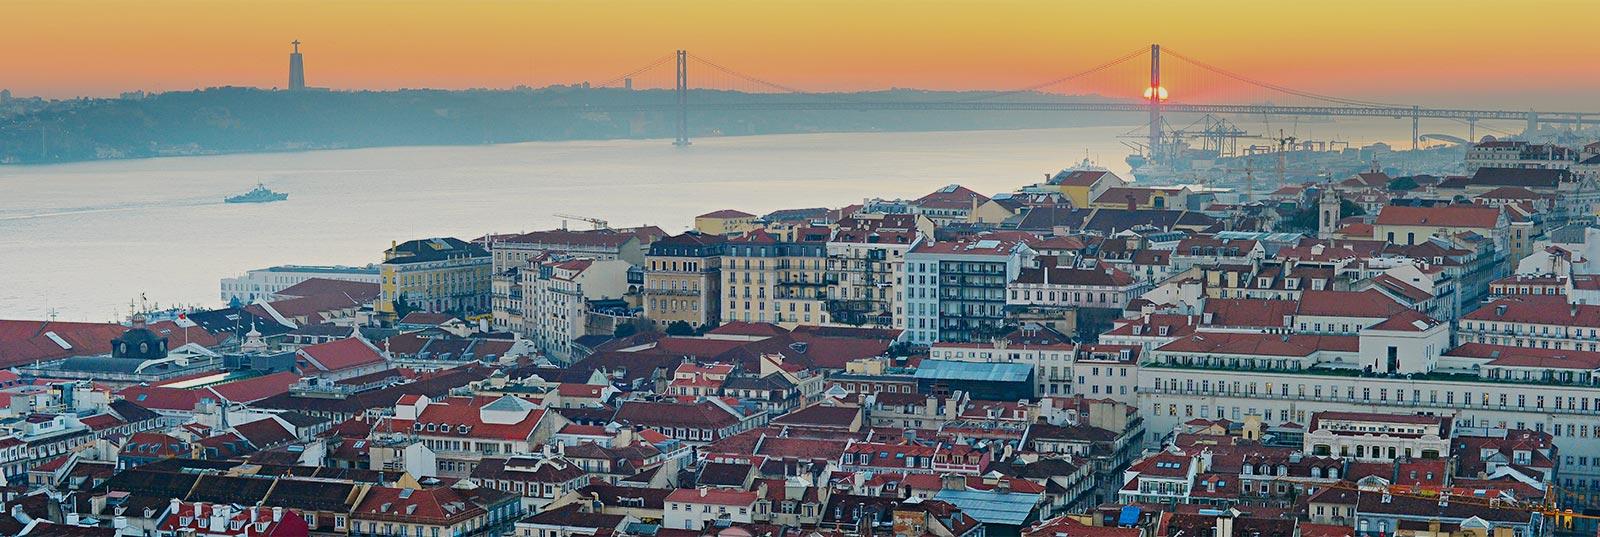 Vuelos A Lisboa Portugal Desde Buenos Aires Por Ars 17550 Finales